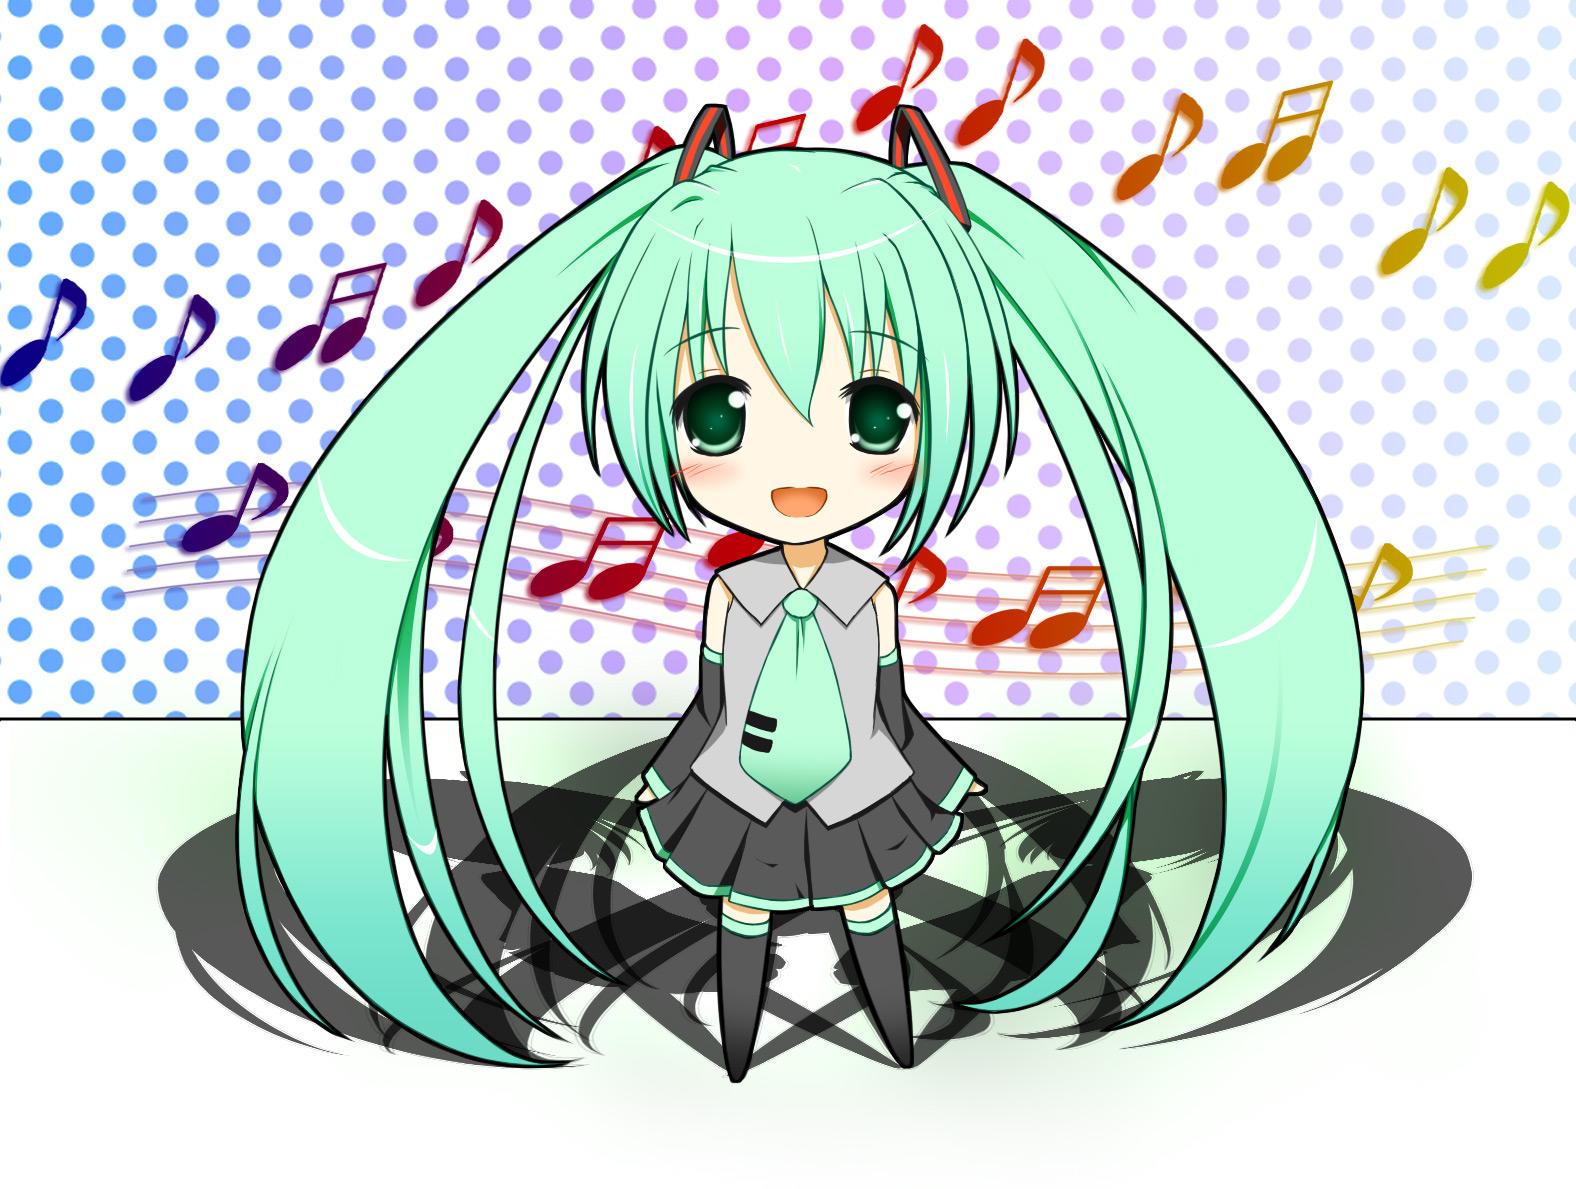 Vocaloid Wallpapers Pack 30/03/2012  Vocaloid Wallpa...